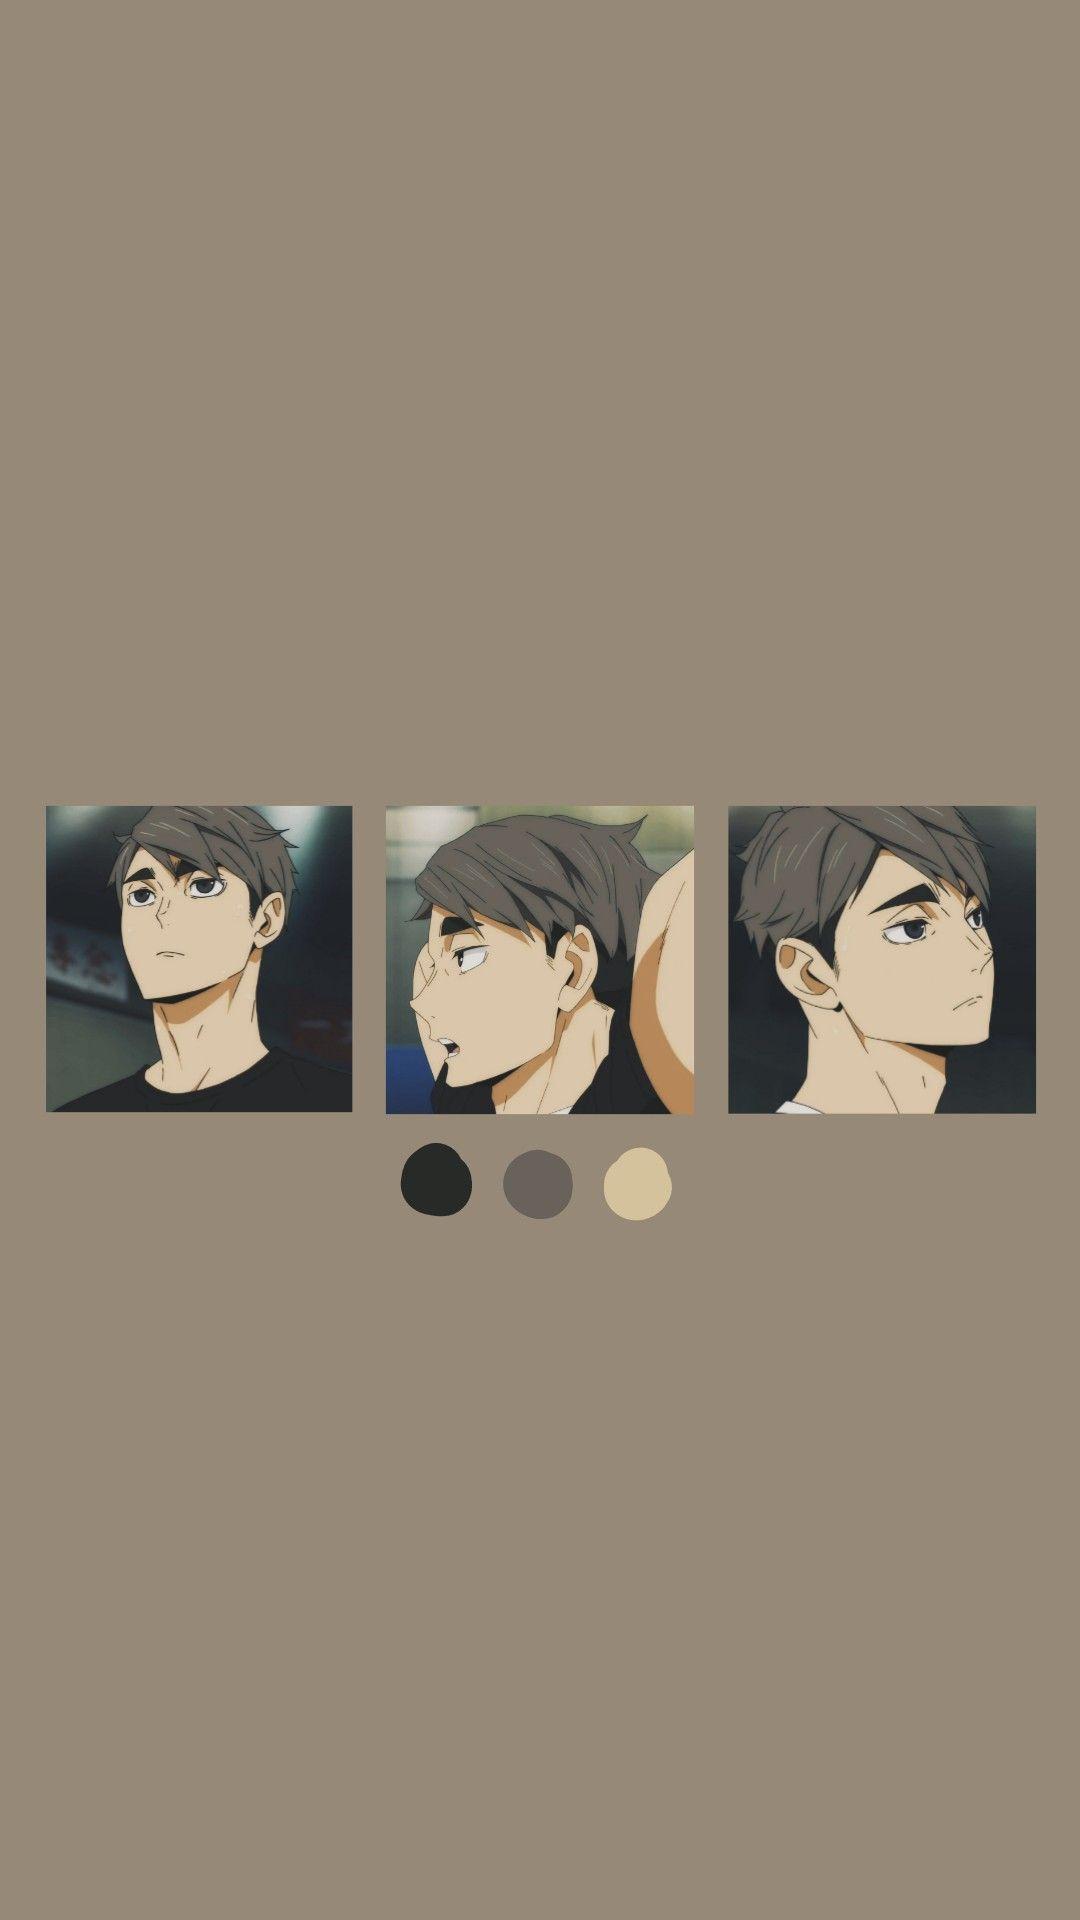 𝓜𝓲𝔂𝓪 𝓞𝓼𝓪𝓶𝓾 Haikyuu Anime Cute Anime Wallpaper Anime Wallpaper